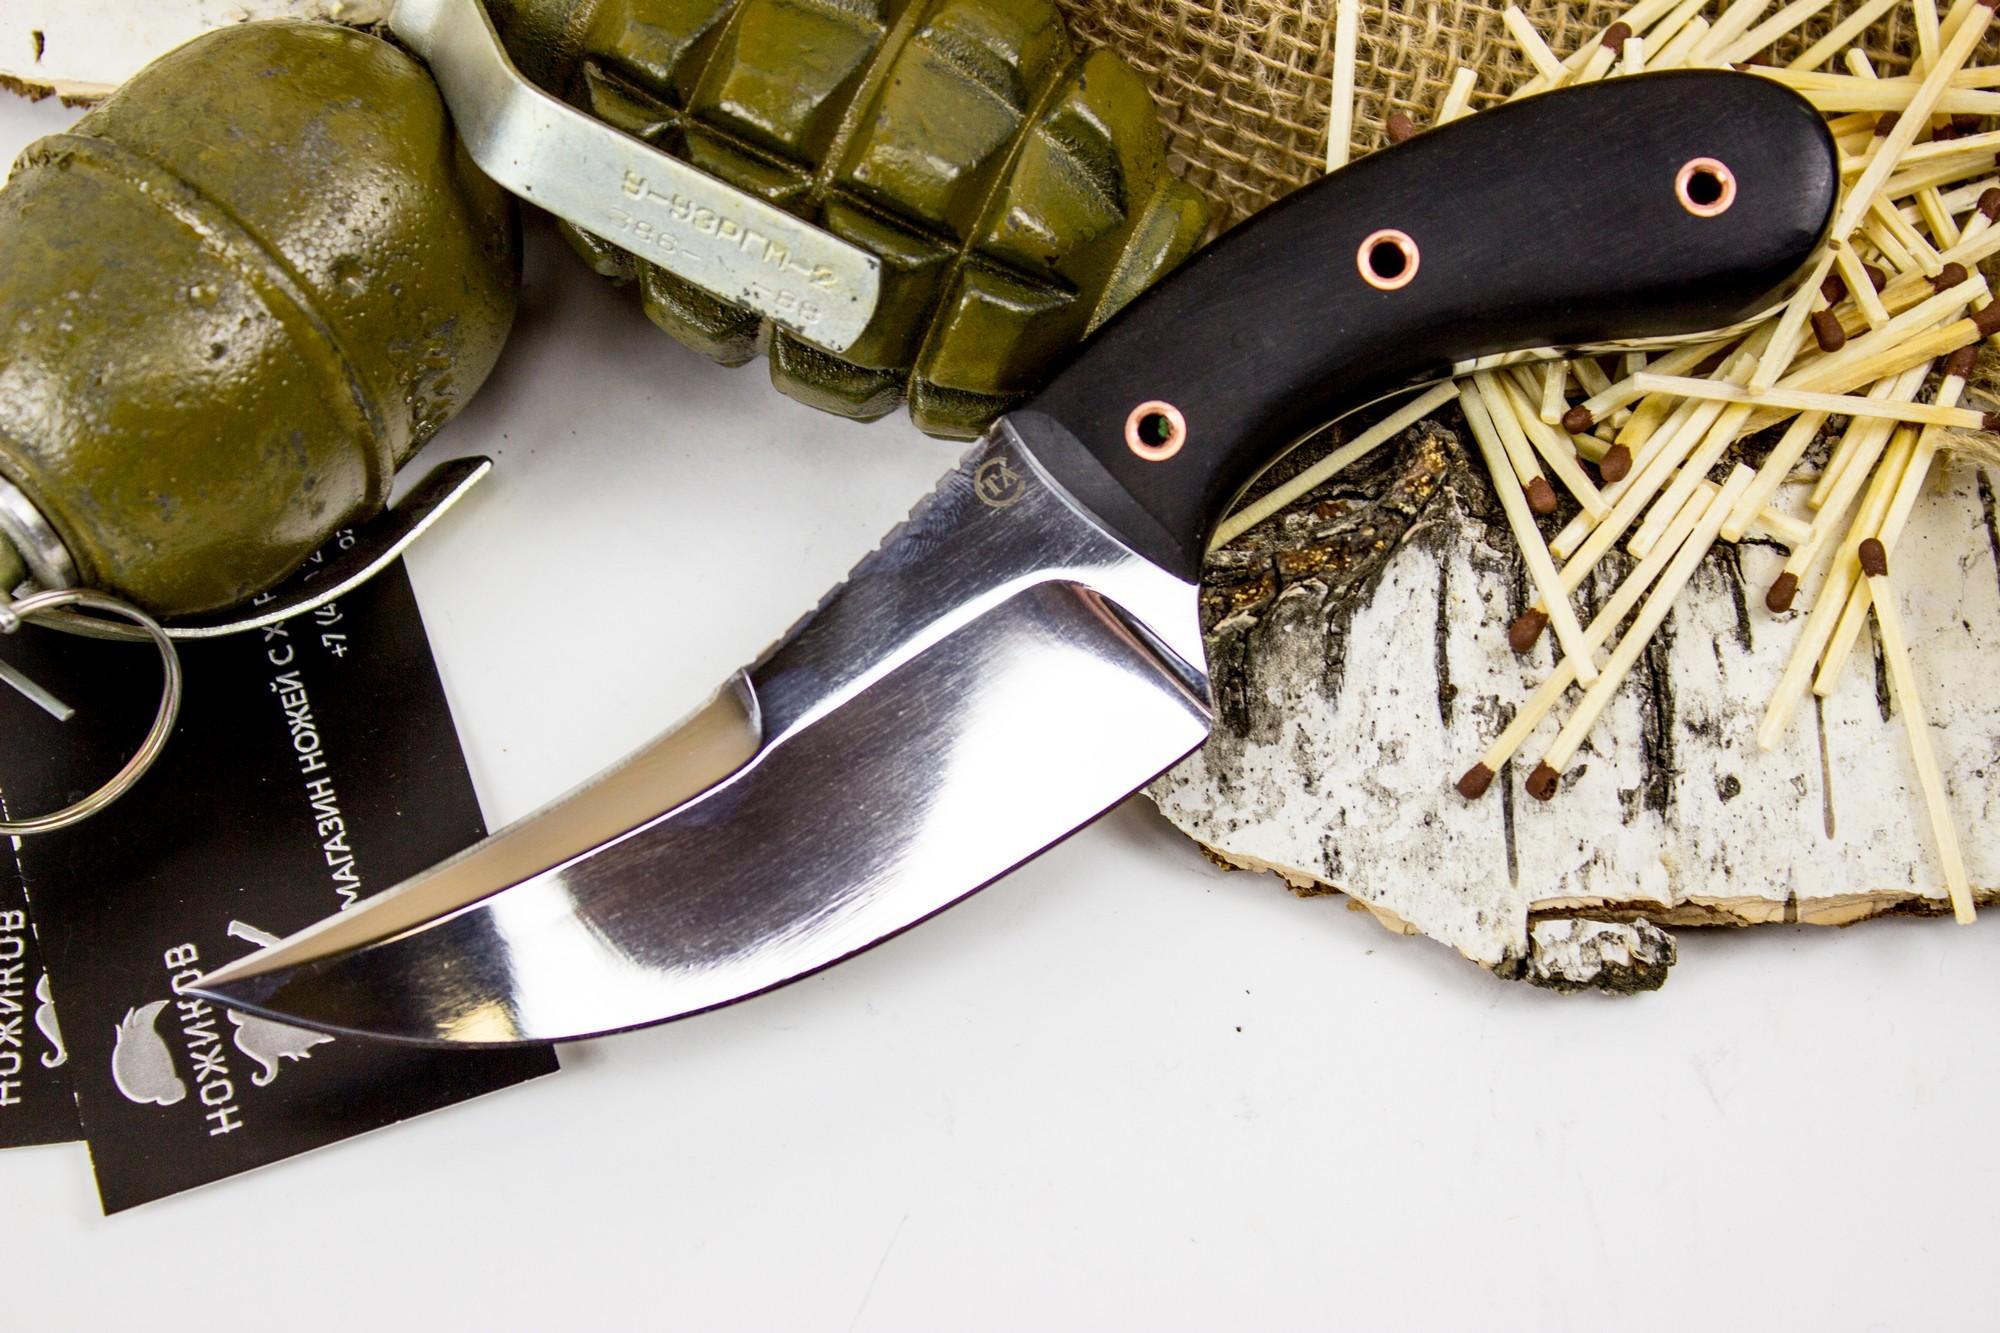 Нож Клык-1, сталь 95х18, граб Титов и Солдатова